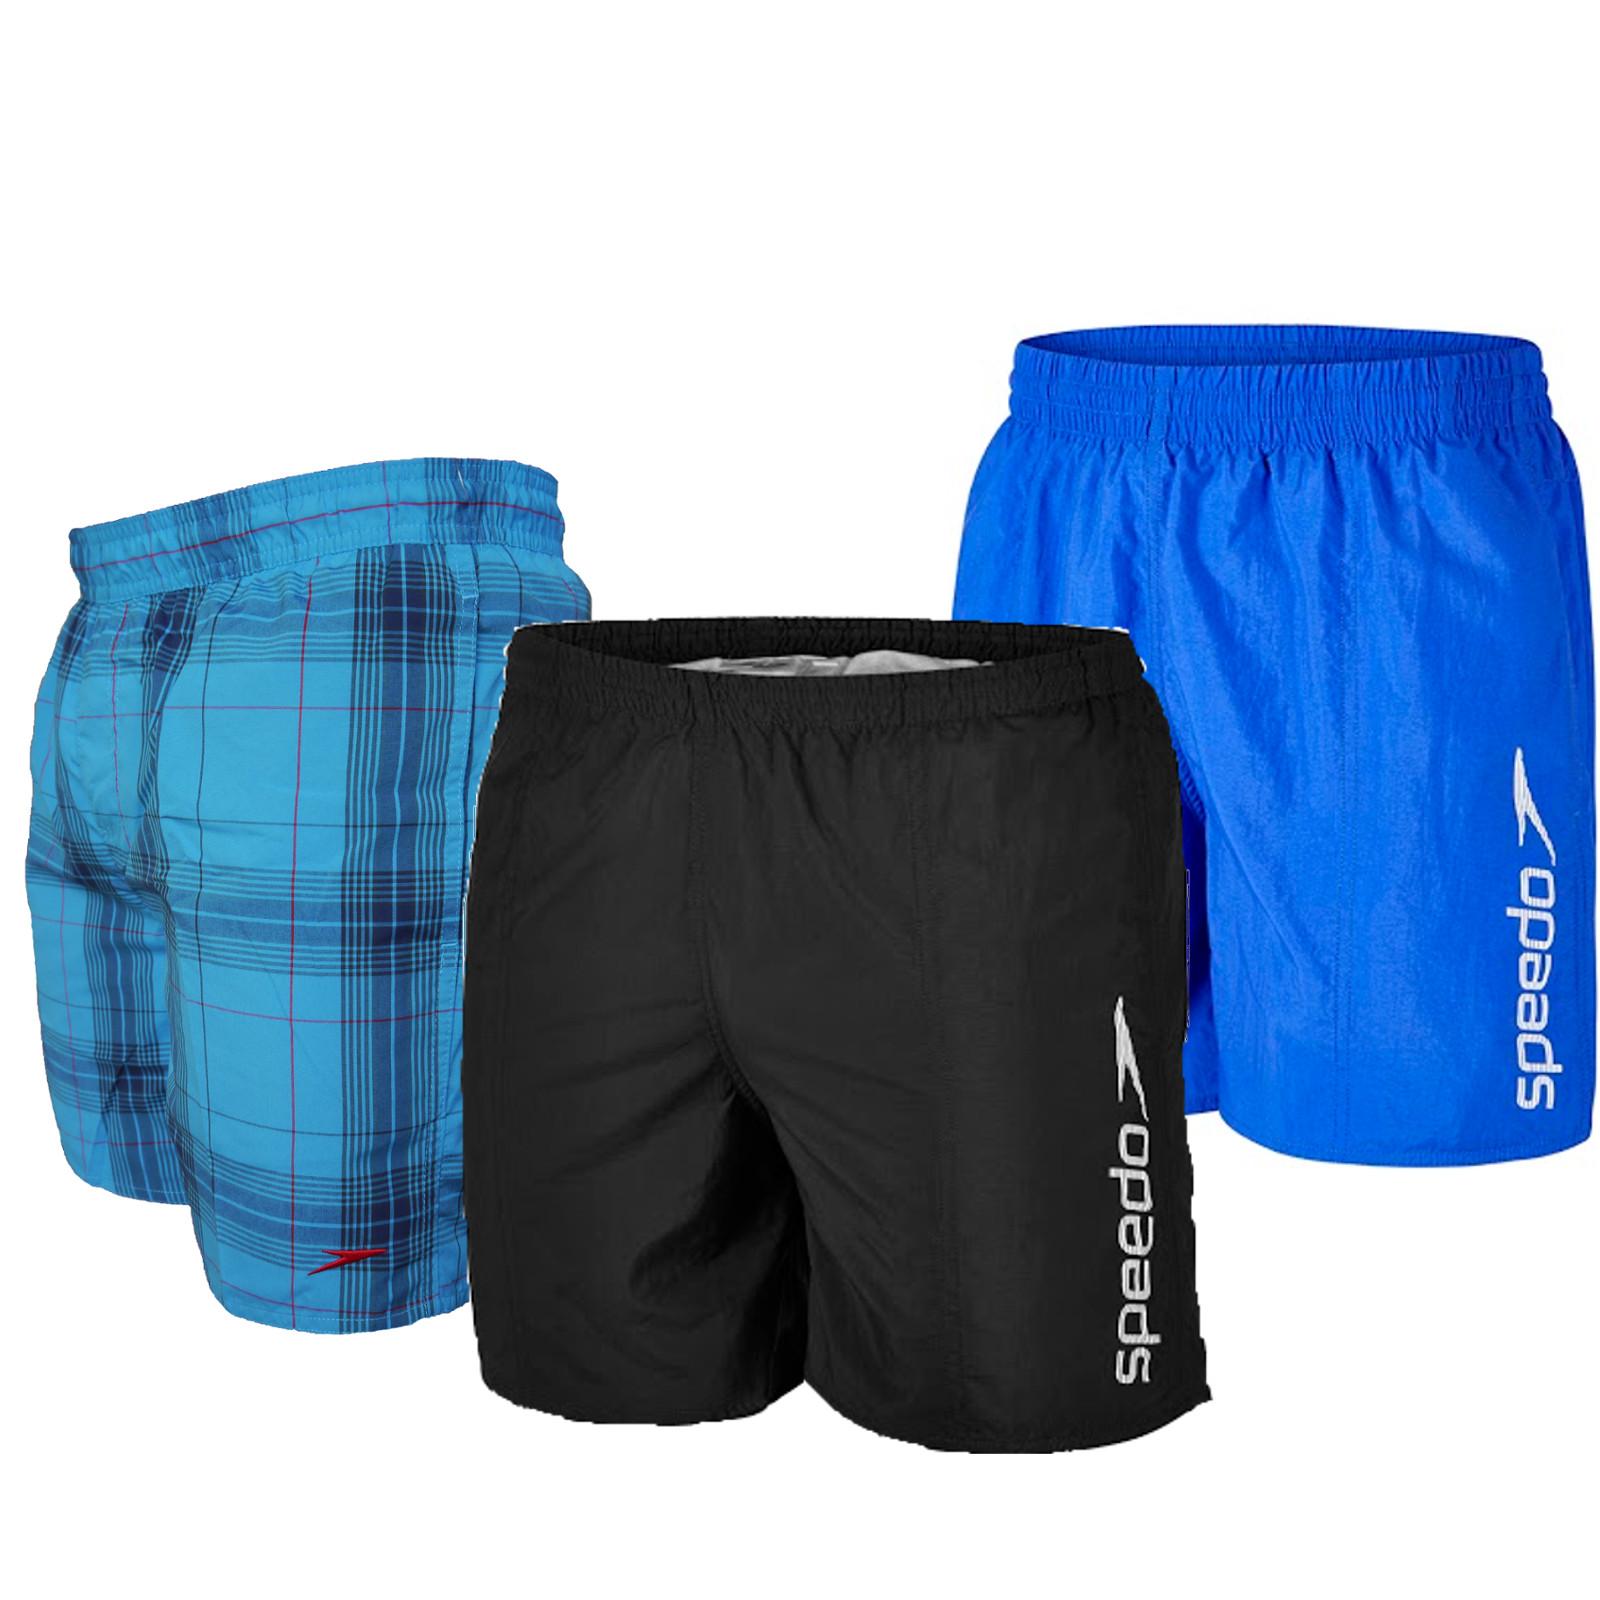 Badehosen Freizeit - Shorts